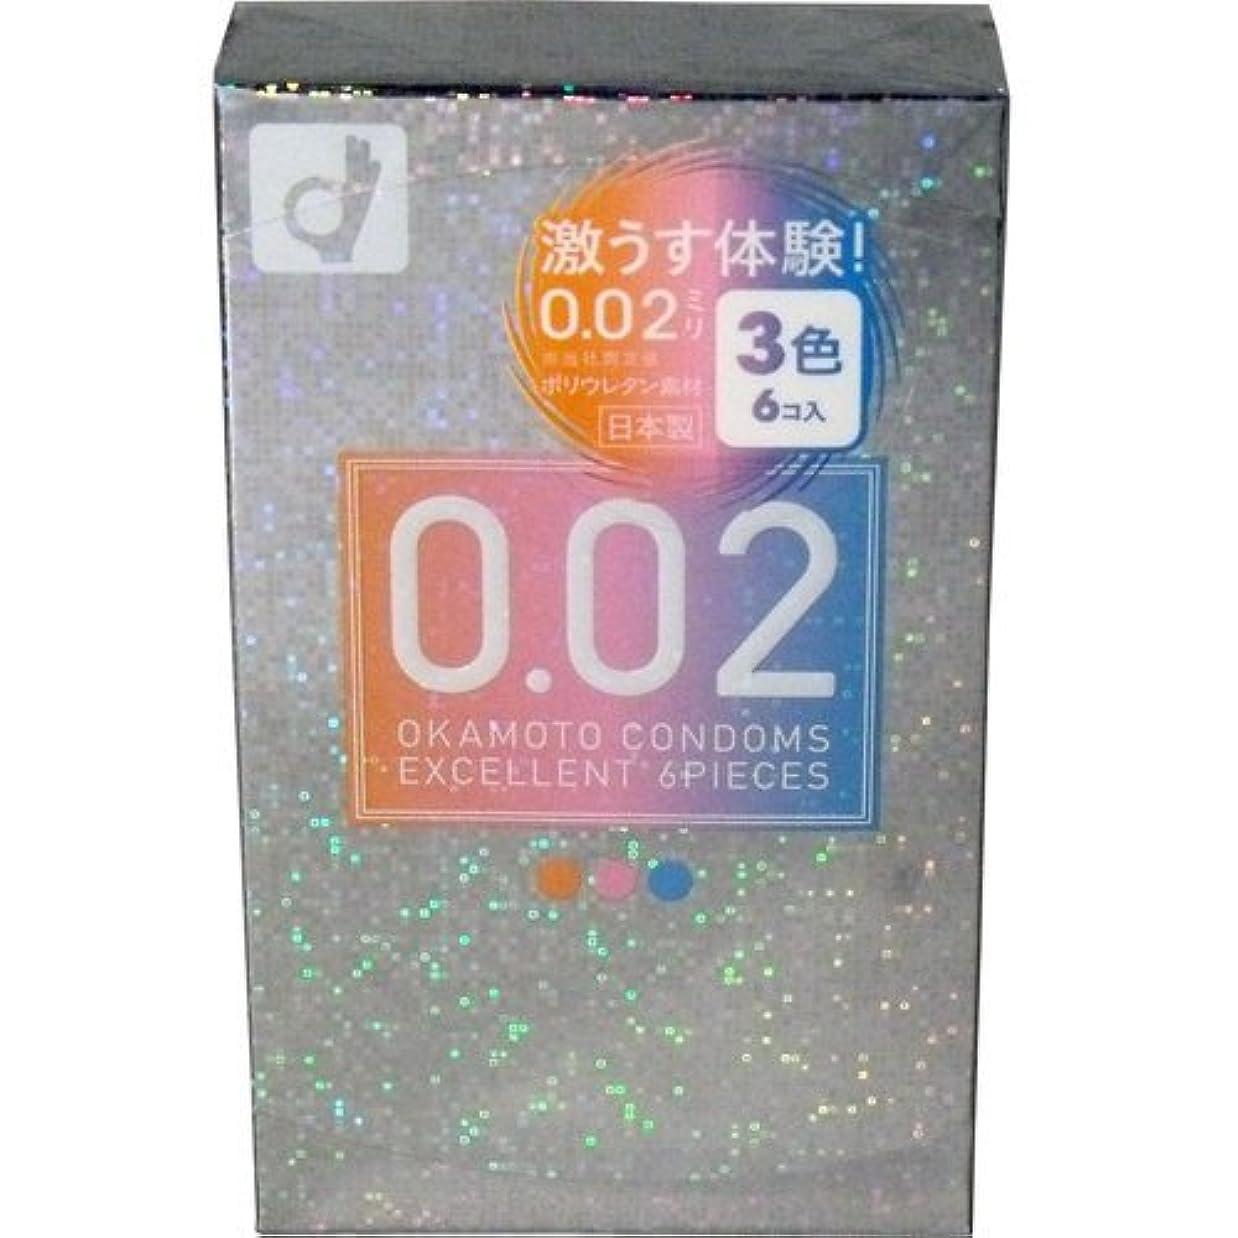 笑ディプロマ息子オカモトコンドームズ 0.02EX(エクセレント) カラー3色 6個入  ×6個セット